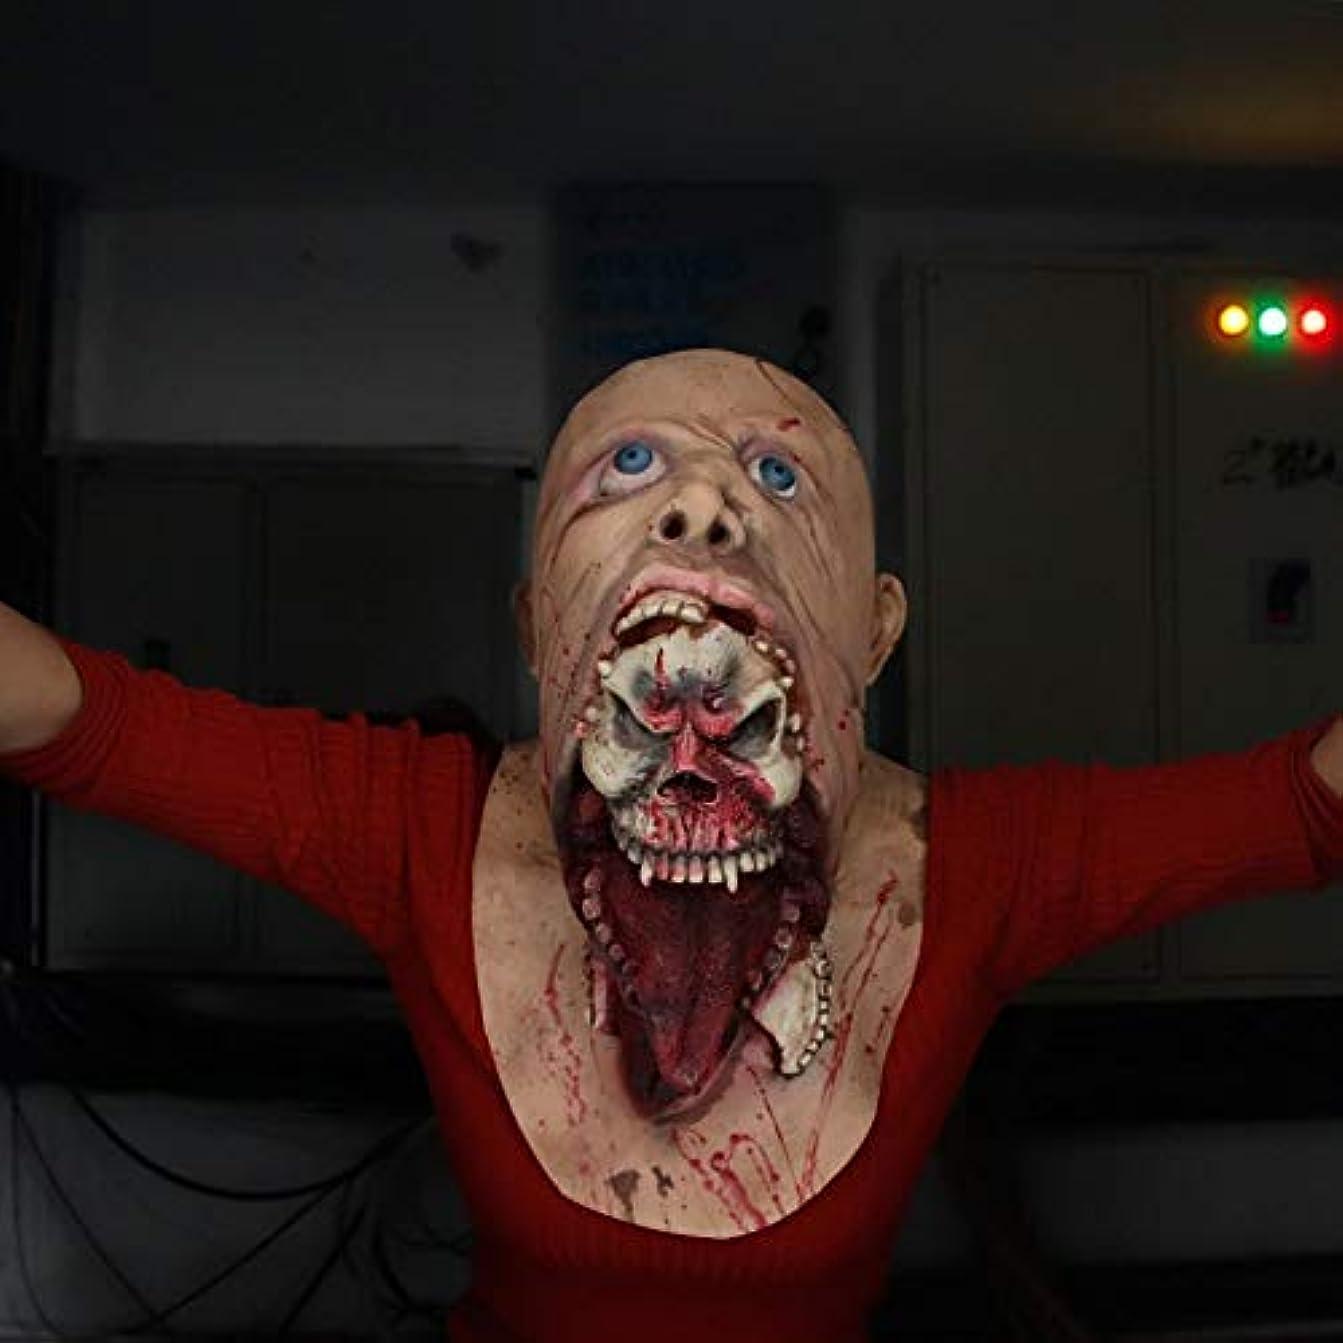 分岐する労苦狭いラテックスゾンビハロウィーンマスク、怖い寄生虫マスク、怖い残酷なラテックスマスク